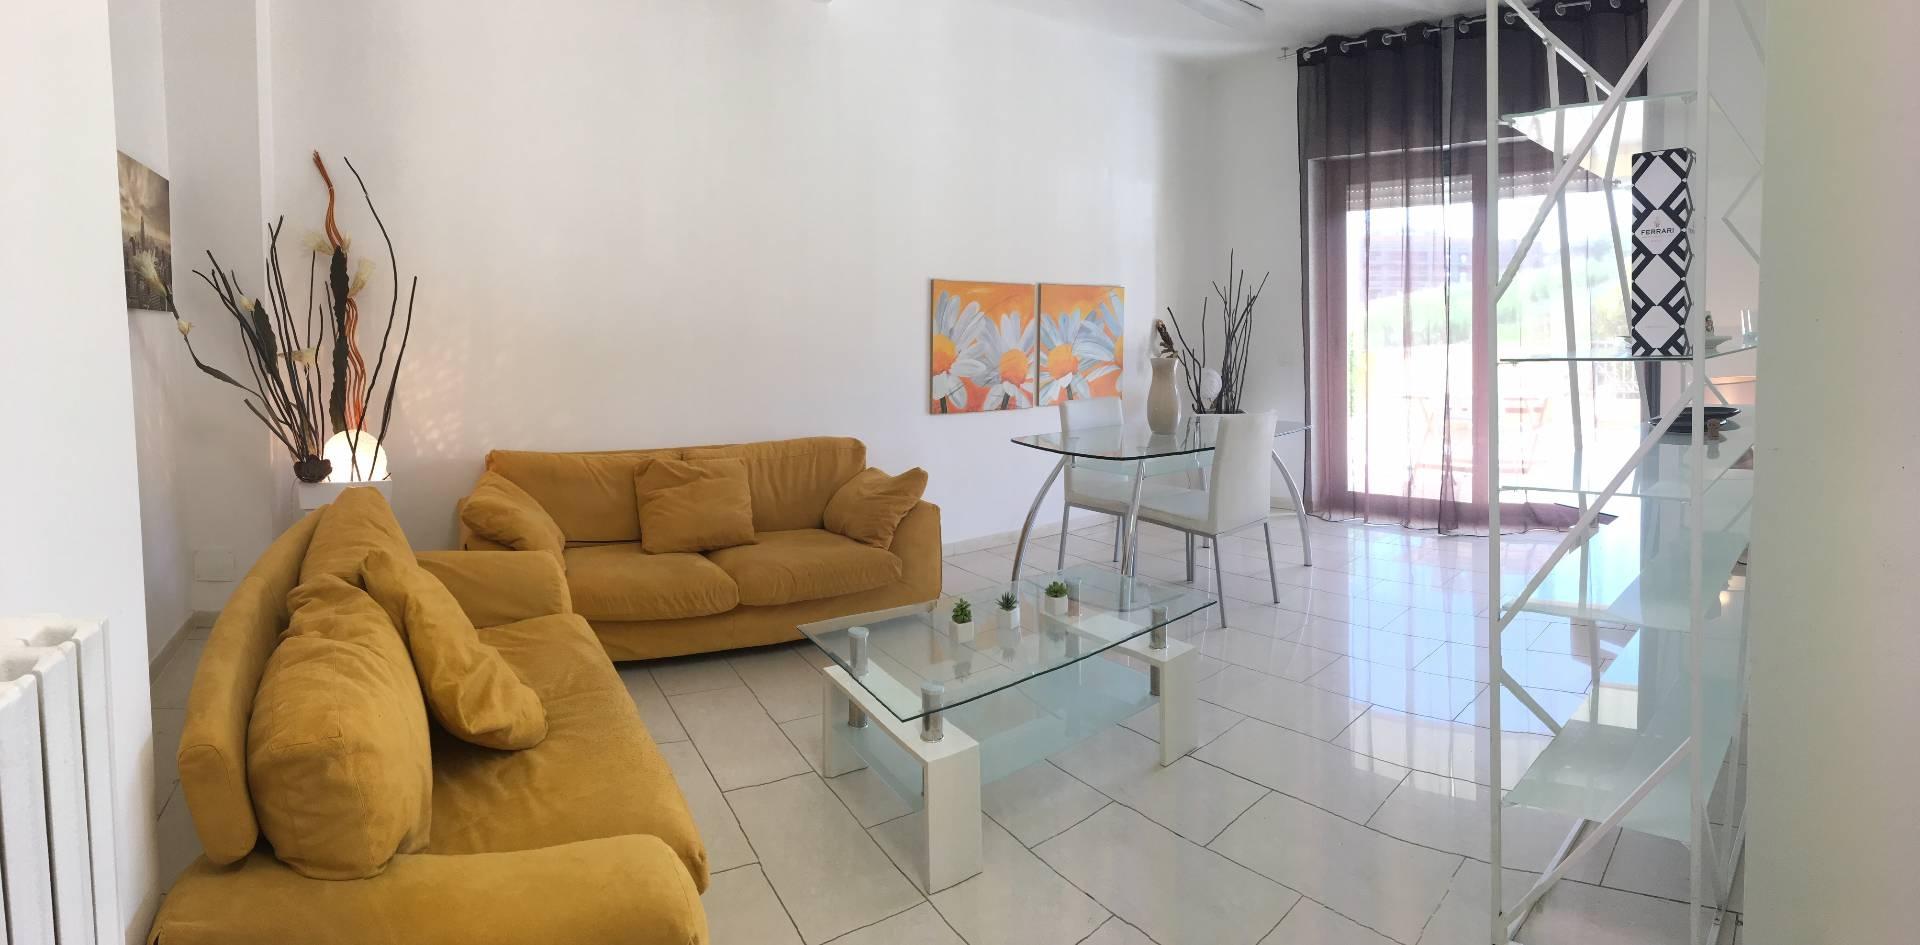 vendita appartamento catanzaro viale de filippis  120000 euro  2 locali  92 mq